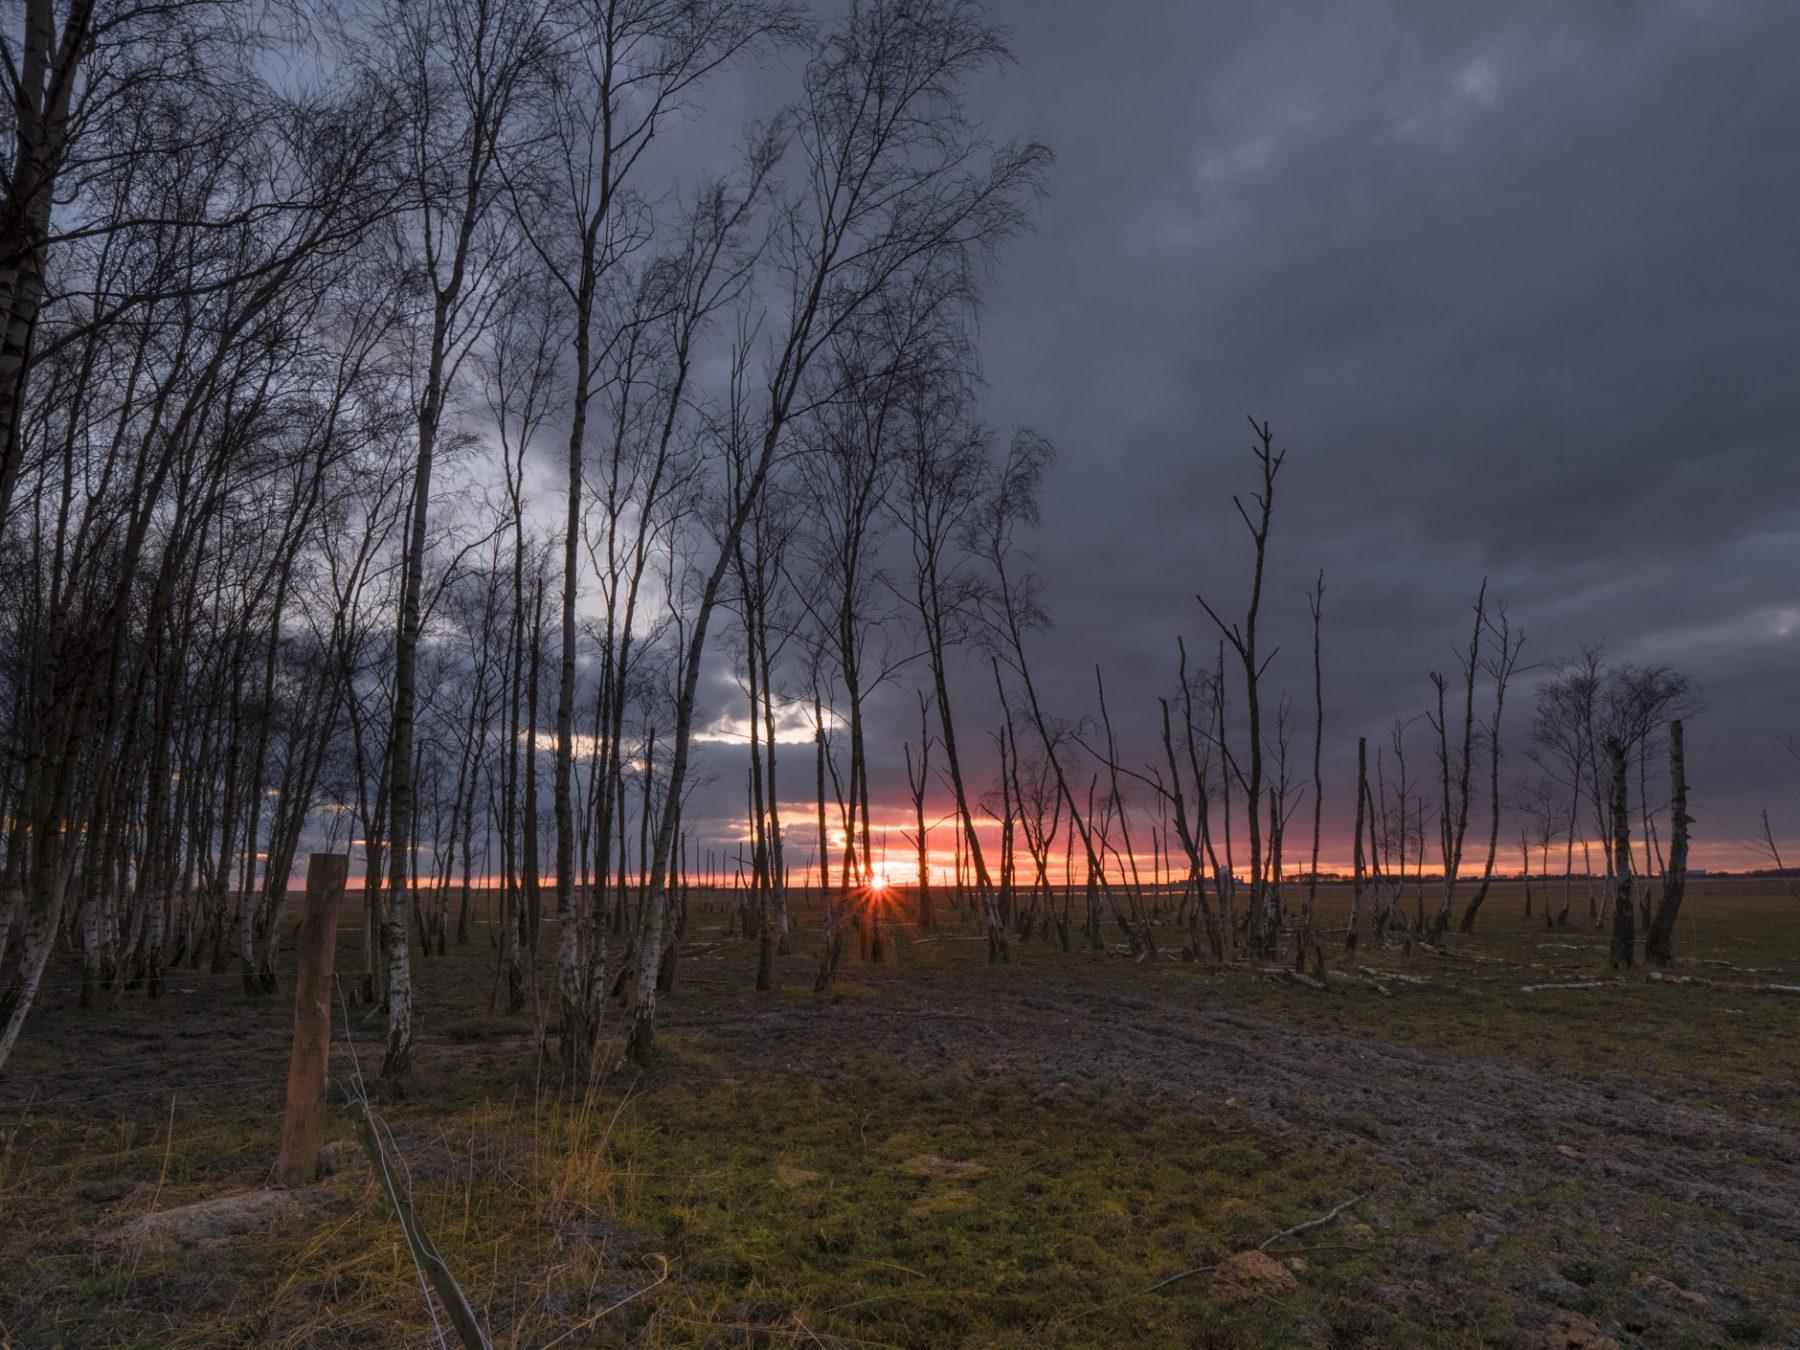 Landskabsfotografering: Kalvebod Fælled ved solnedgang